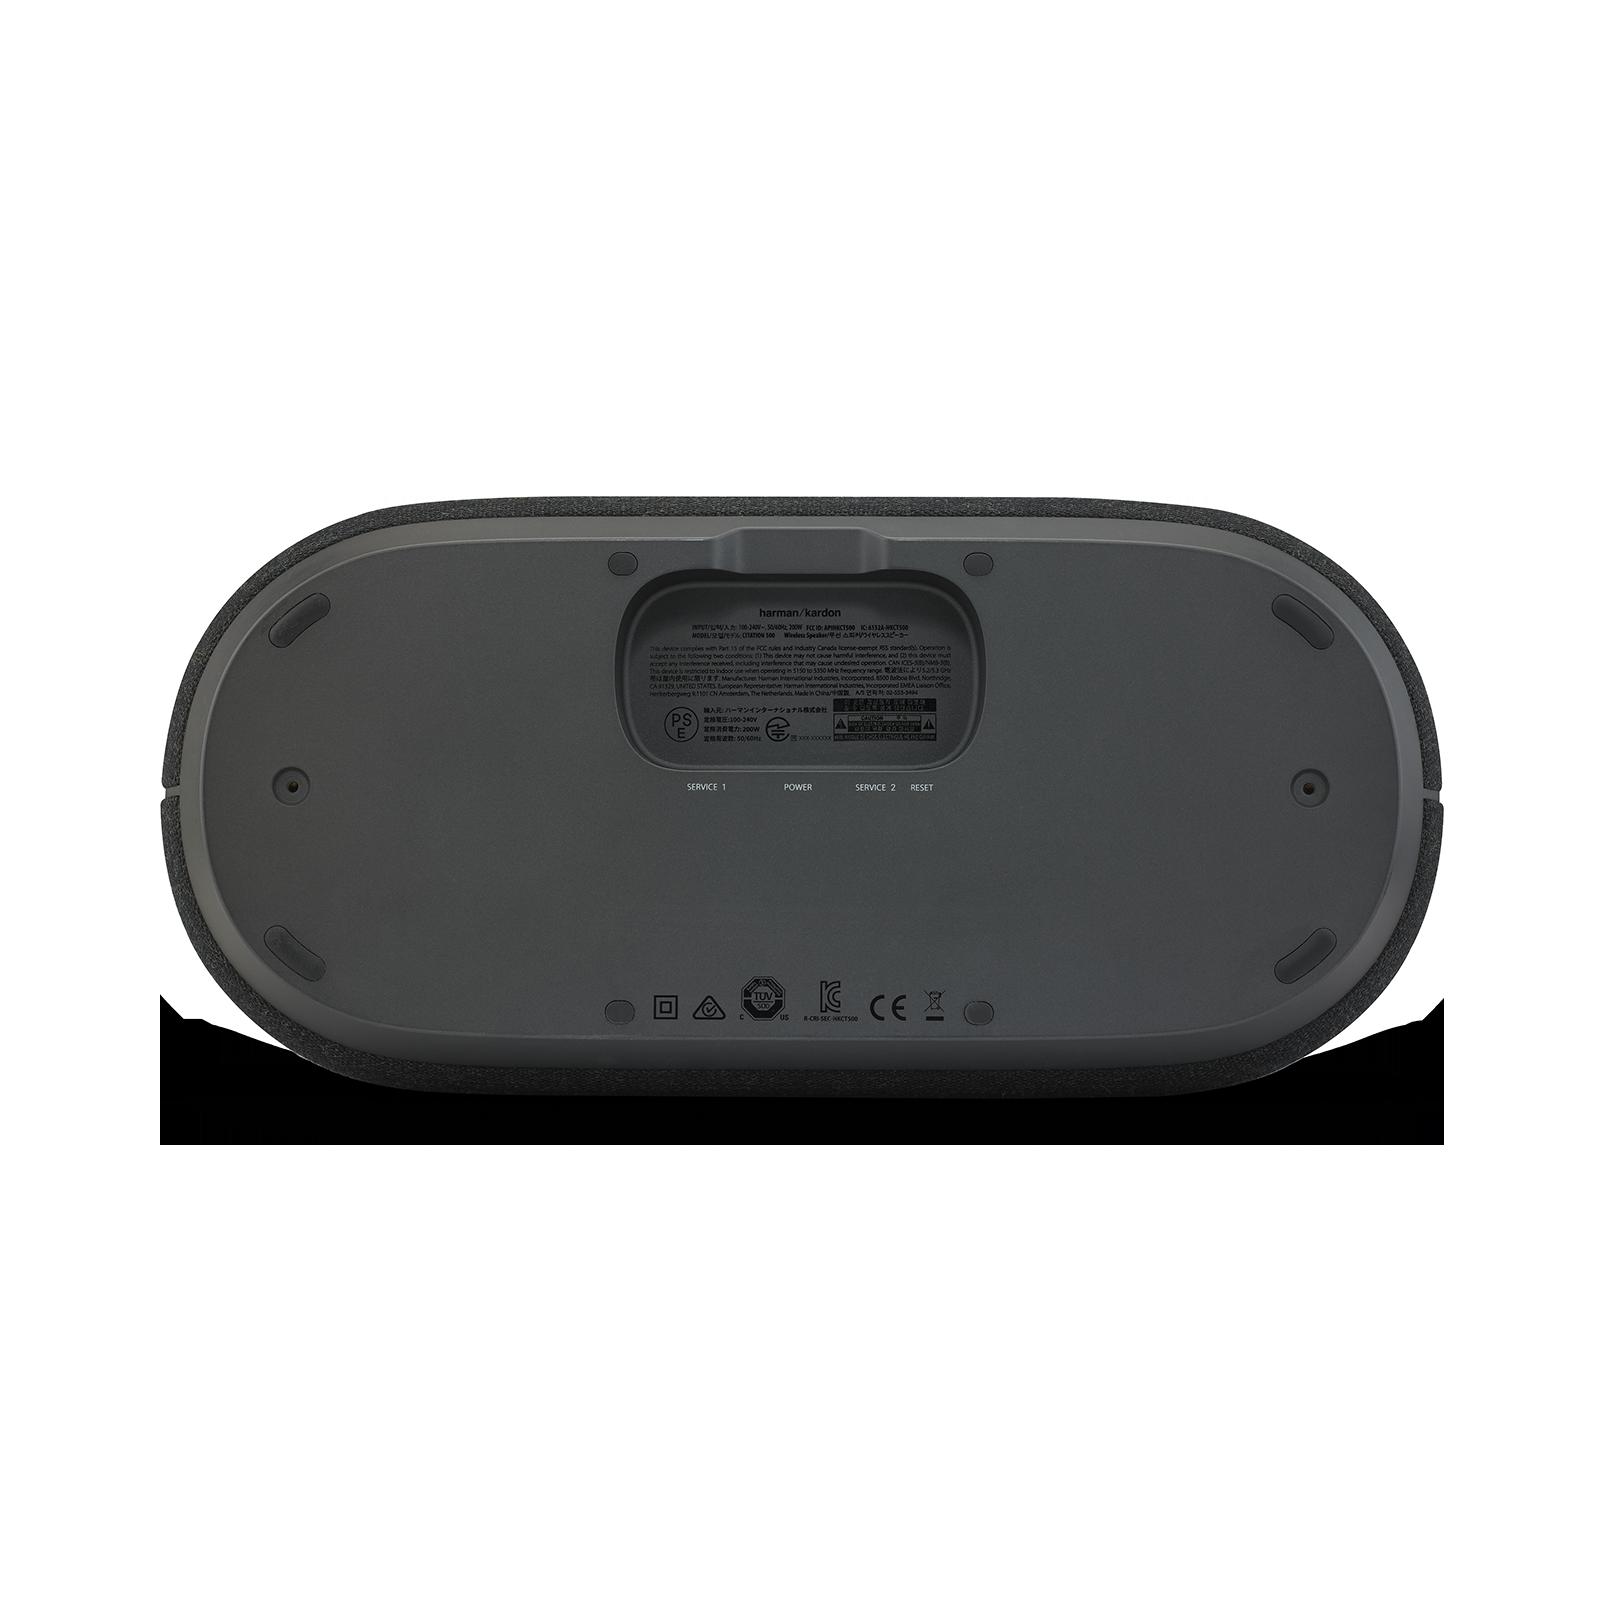 Harman Kardon Citation 500 - Black - Large Tabletop Smart Home Loudspeaker System - Detailshot 2